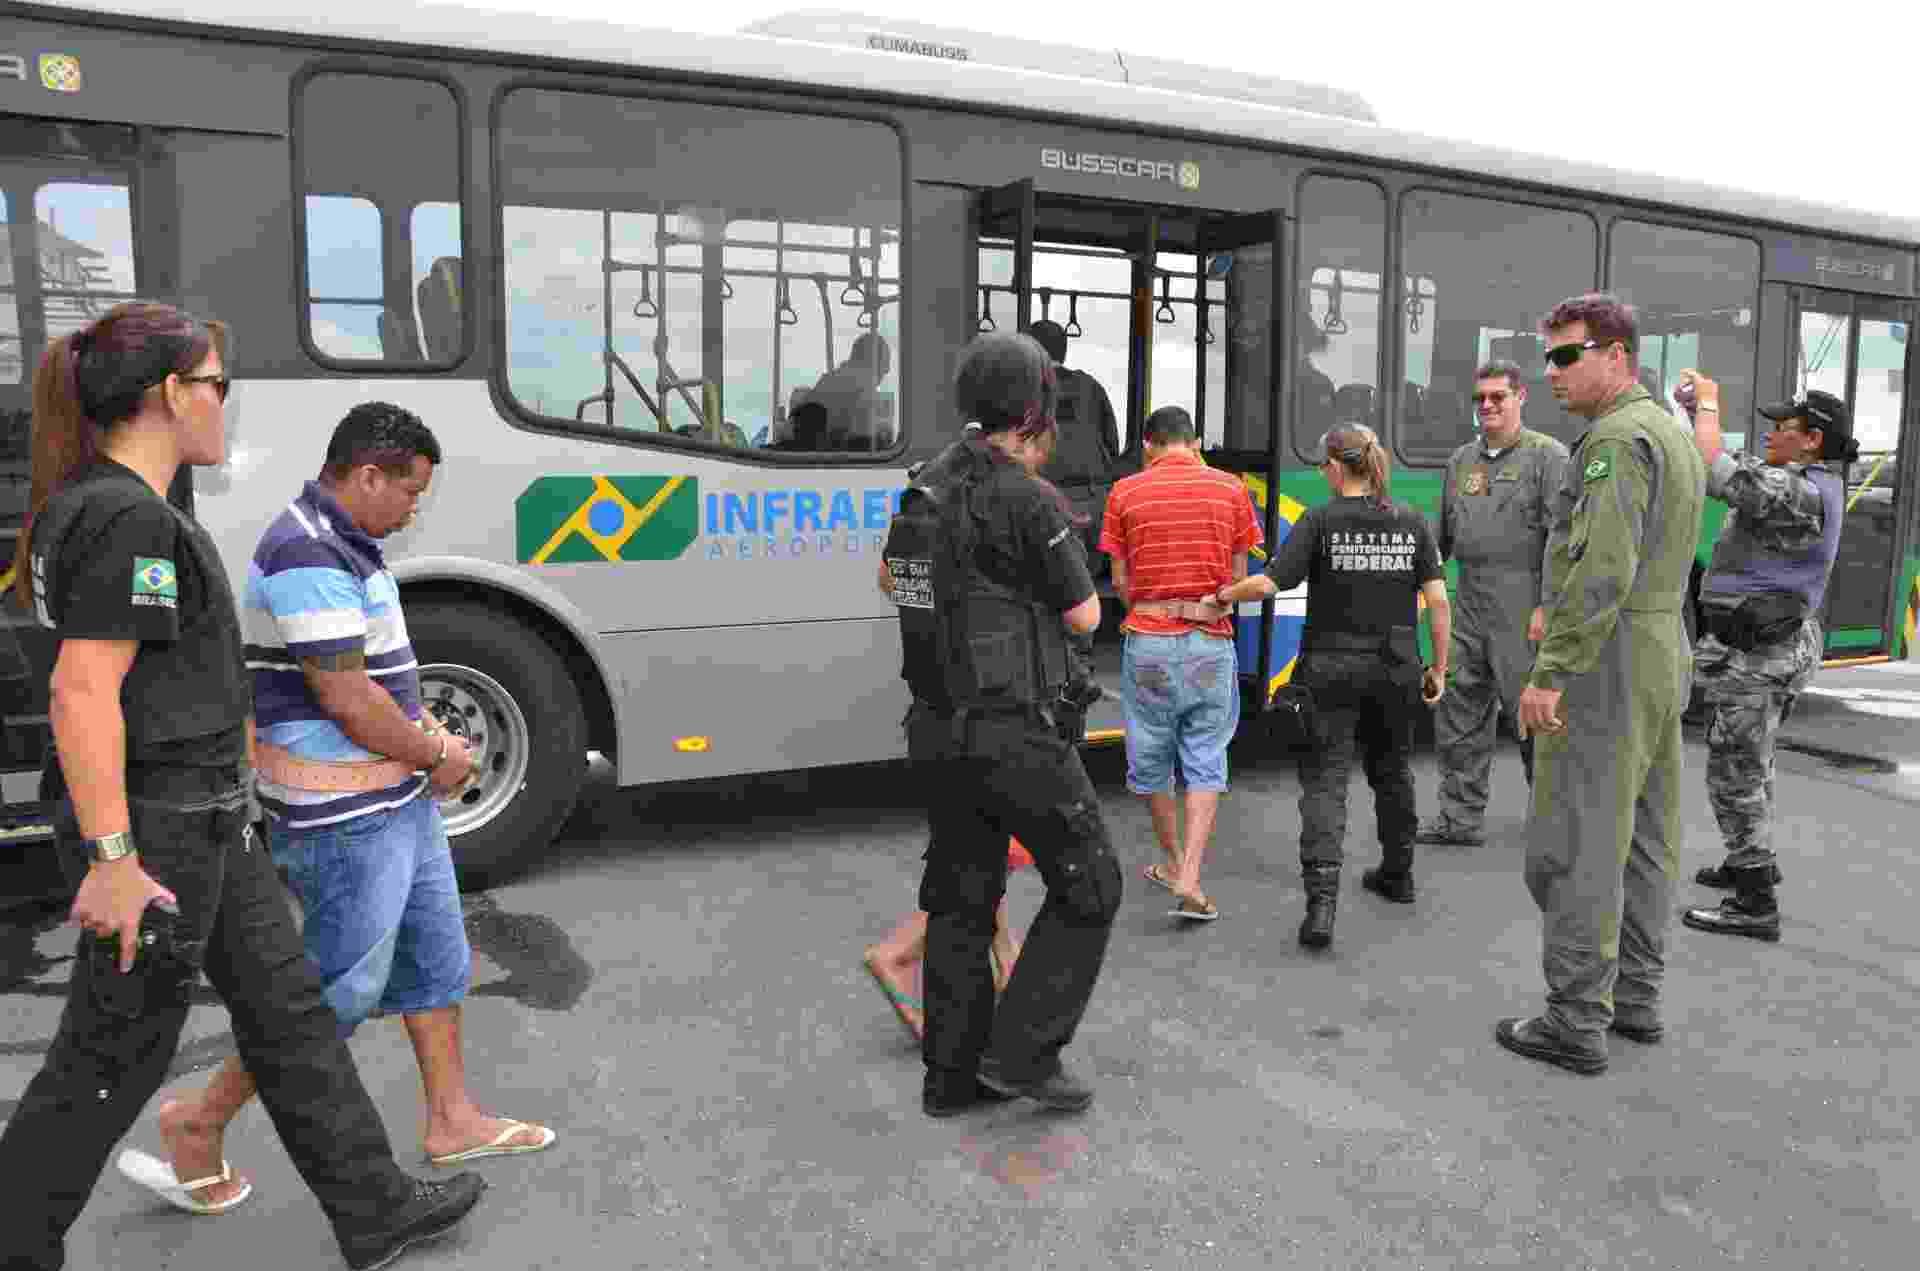 13.fev.2014 - Agentes federais conduzem detentos dentro do aeroporto Marechal Cunha Machado, em São Luís, no Maranhão, nesta quinta-feira (13). Segundo a Sejap (Secretaria de Justiça e Administração Penitenciária), nove presos de alta periculosidade e que são líderes de facções criminosas embarcaram nesta manhã. O nome da penitenciária federal que os presos foram transferidos não foi divulgado por motivo de segurança - Nilson Figueredo/Divulgação